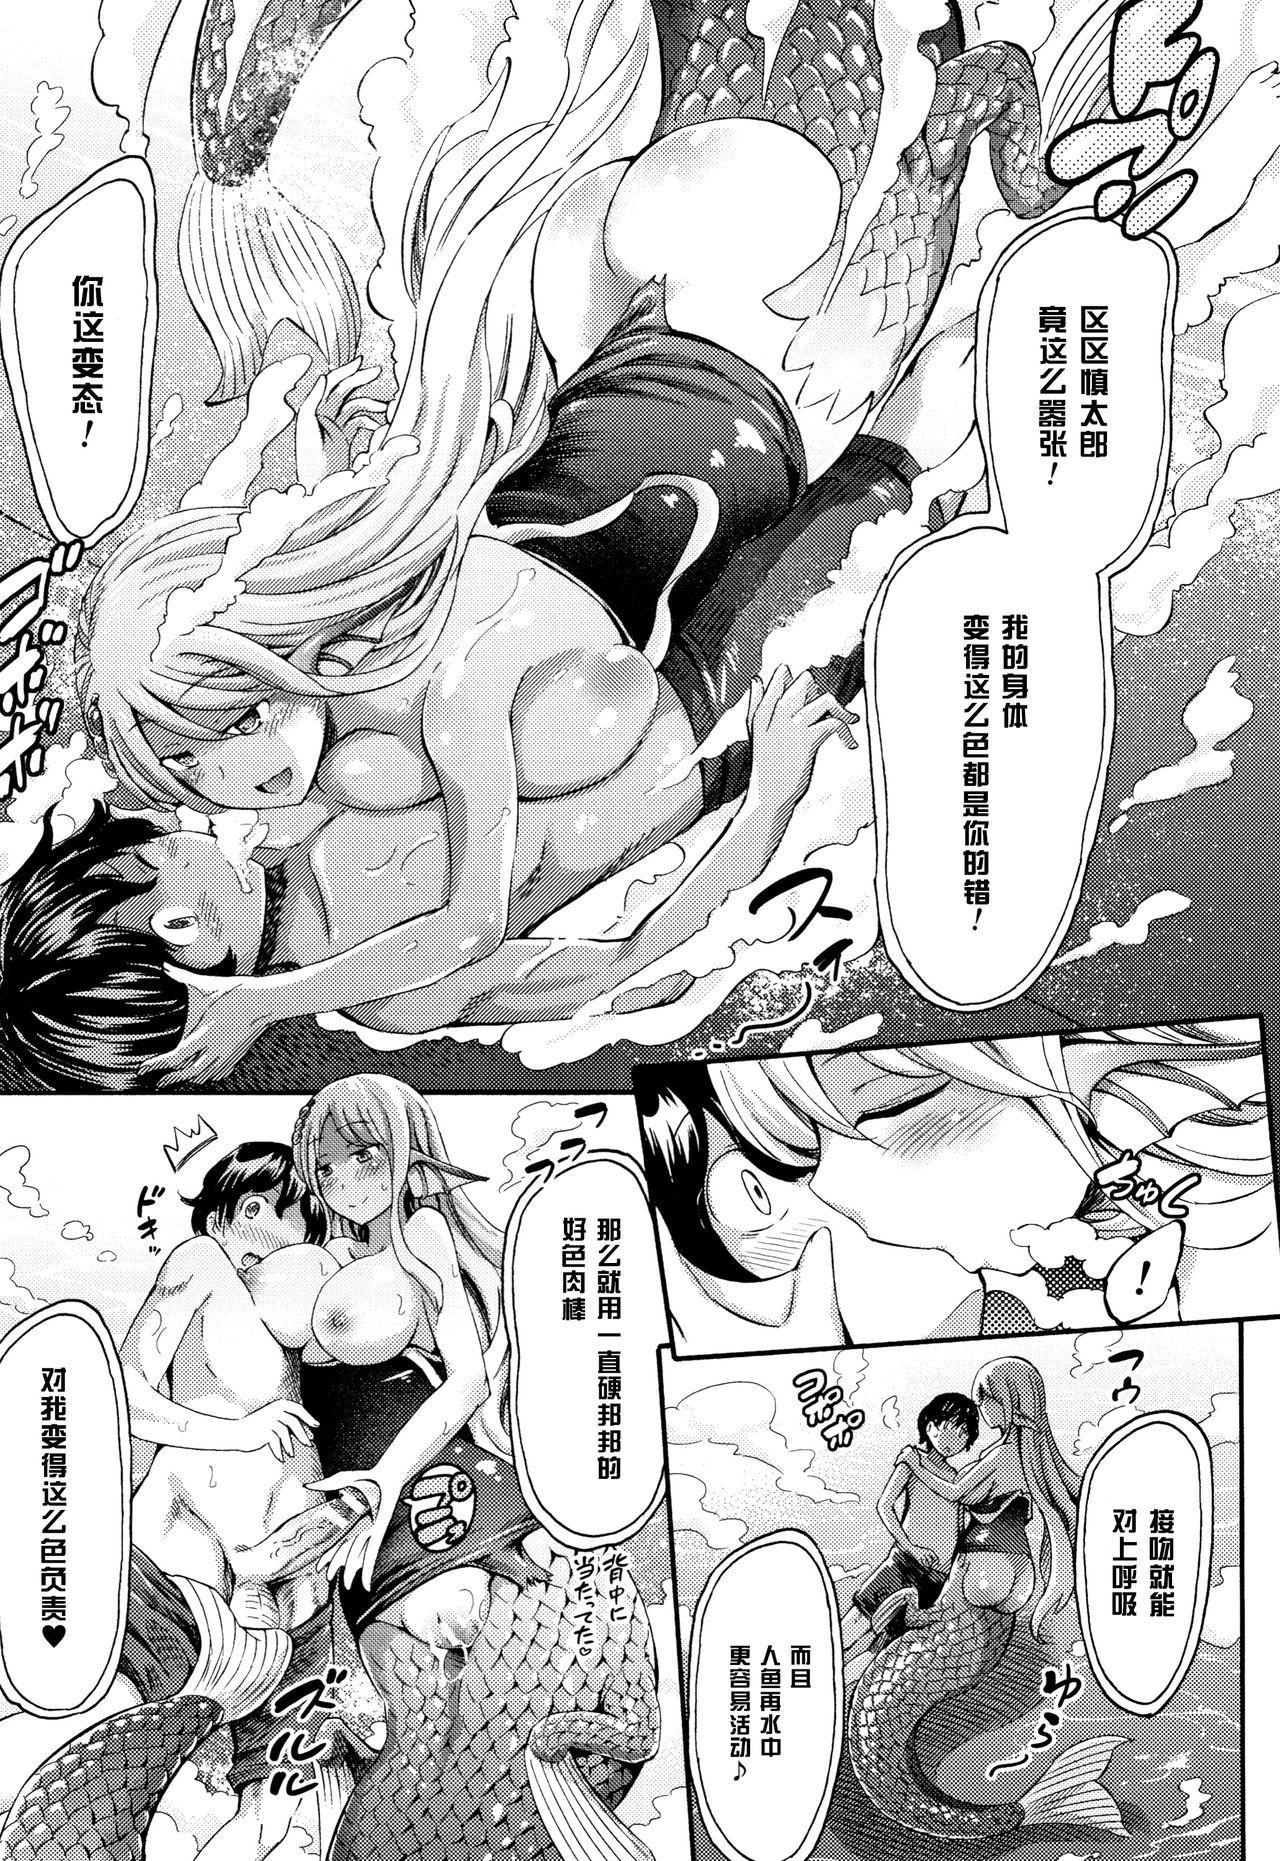 Appli de Hentai Pool no Sukumizu Ningyo 6